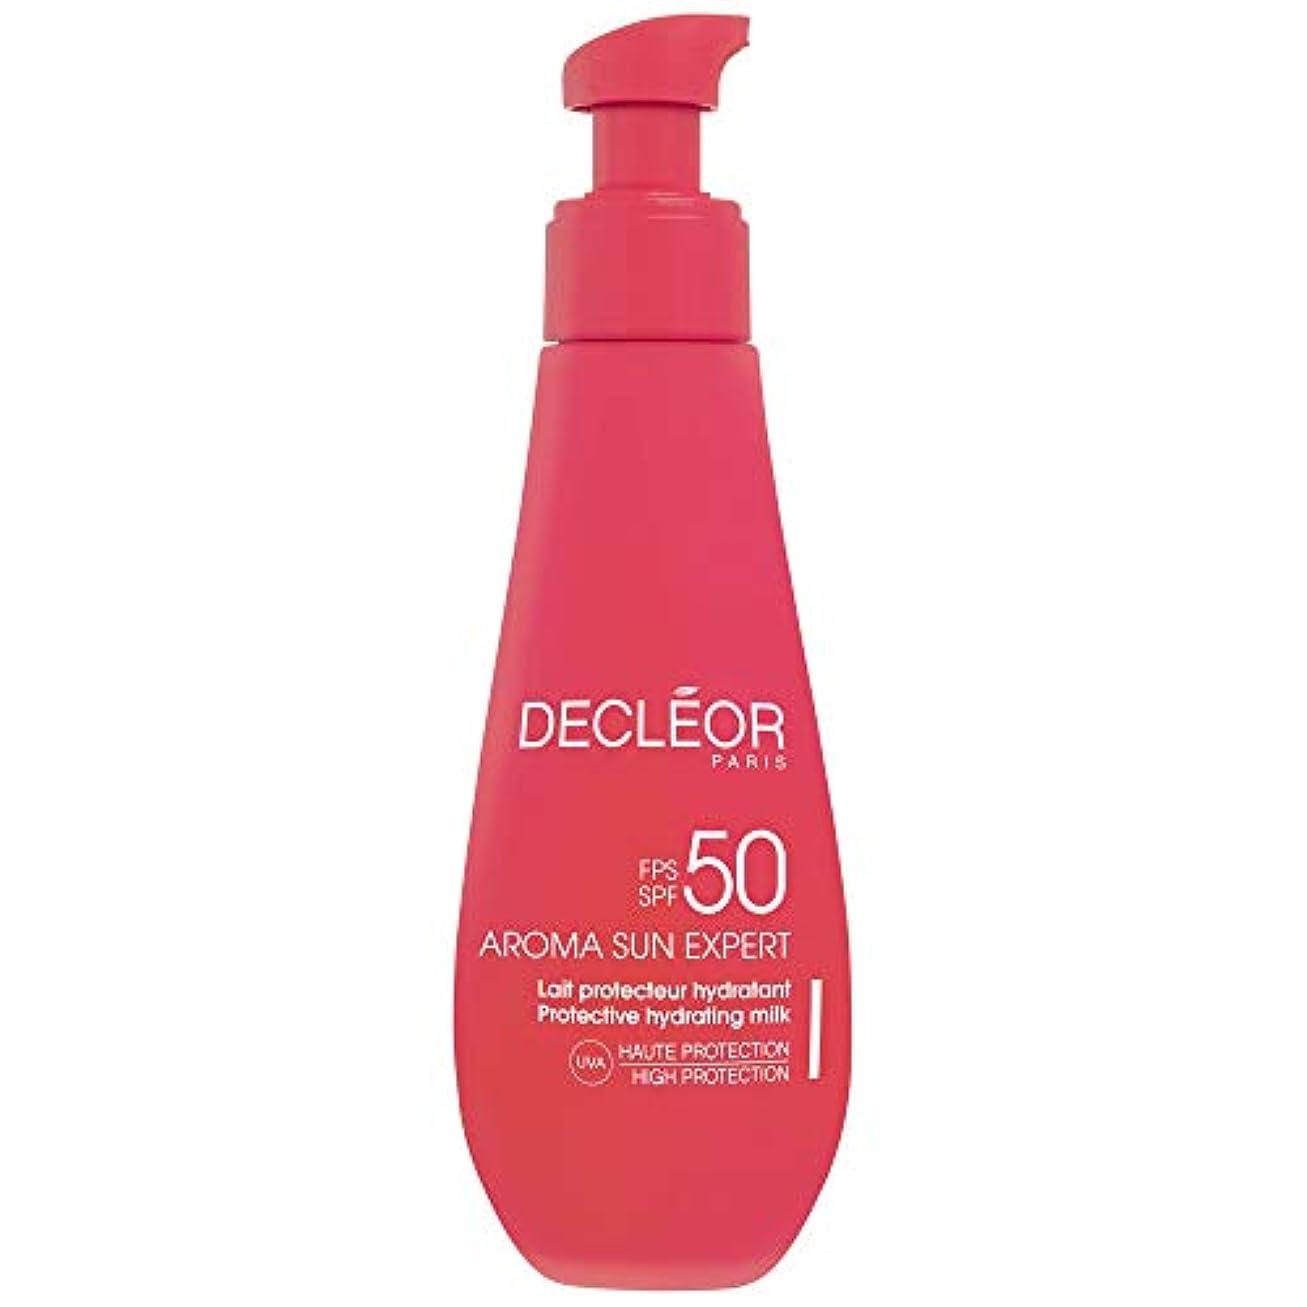 水族館のスコアアセンブリ[Decl?or ] デクレオールアロマ日の専門家で超保護抗シワクリームSpf50 - ボディローション150Ml - Decl?or Aroma Sun Expert Ultra Protective Anti-Wrinkle Cream SPF50 - Body 150ml [並行輸入品]